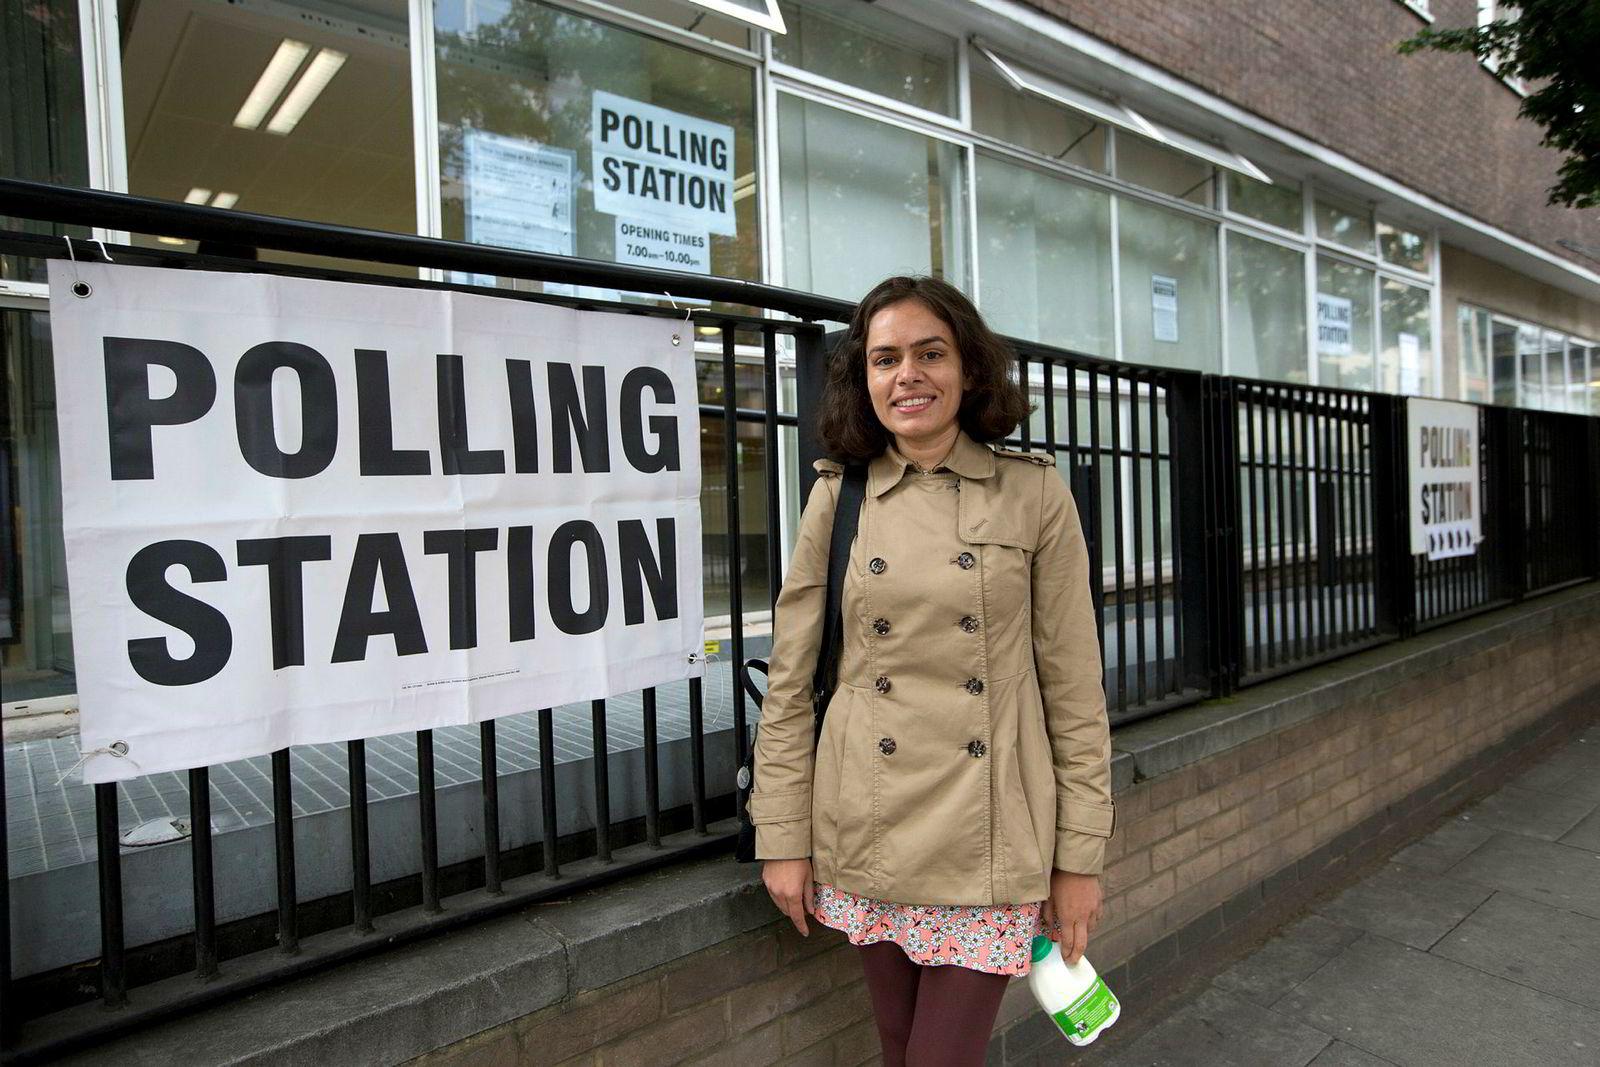 Prerna Bhardwaj fra London stemte på arbeiderpartiet Labour torsdag, blant annet på grunn av partiets forslag om å skrote studieavgiften.